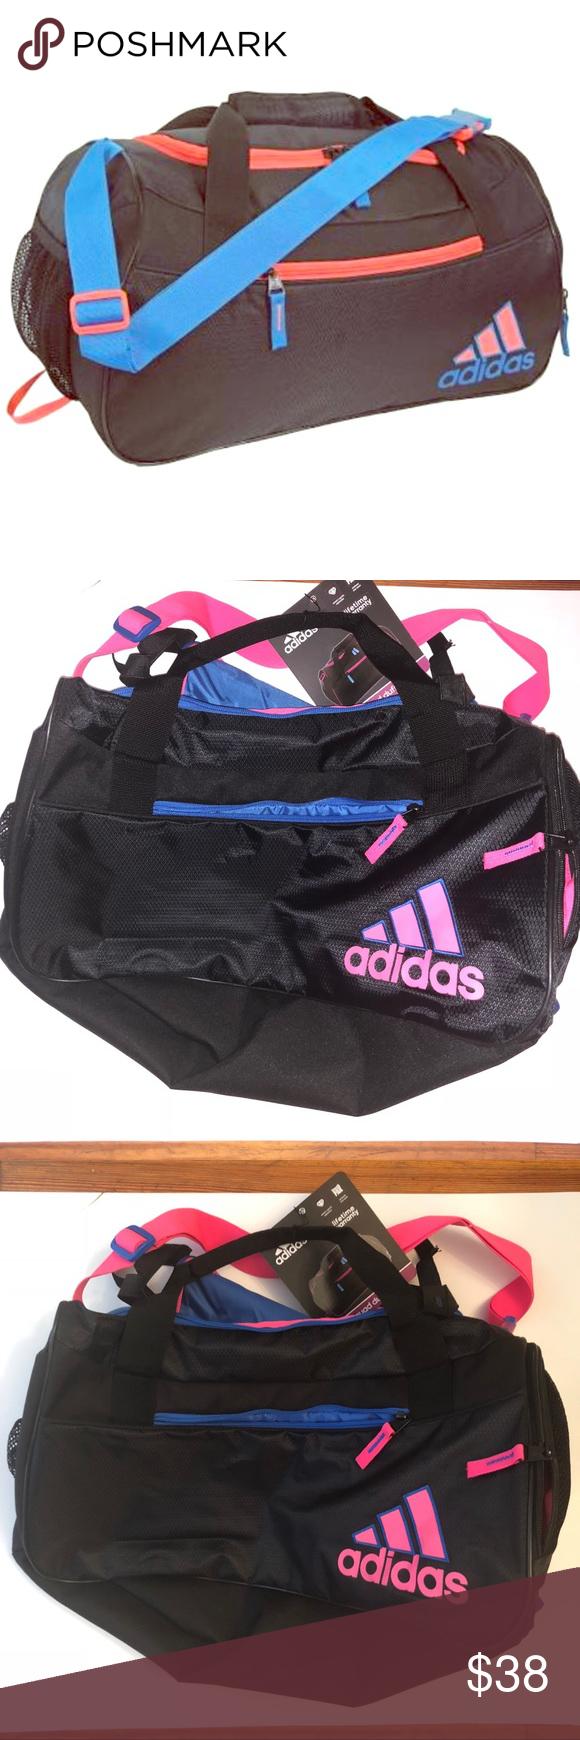 """Adidas Squad II Duffle Bag """"Girls Rule"""" NWT Adidas Squad II Duffle Bag """"Girls  Rule"""" NWT Perfect to fit all your sport gym essentials! Bags 640a8b2f5d290"""